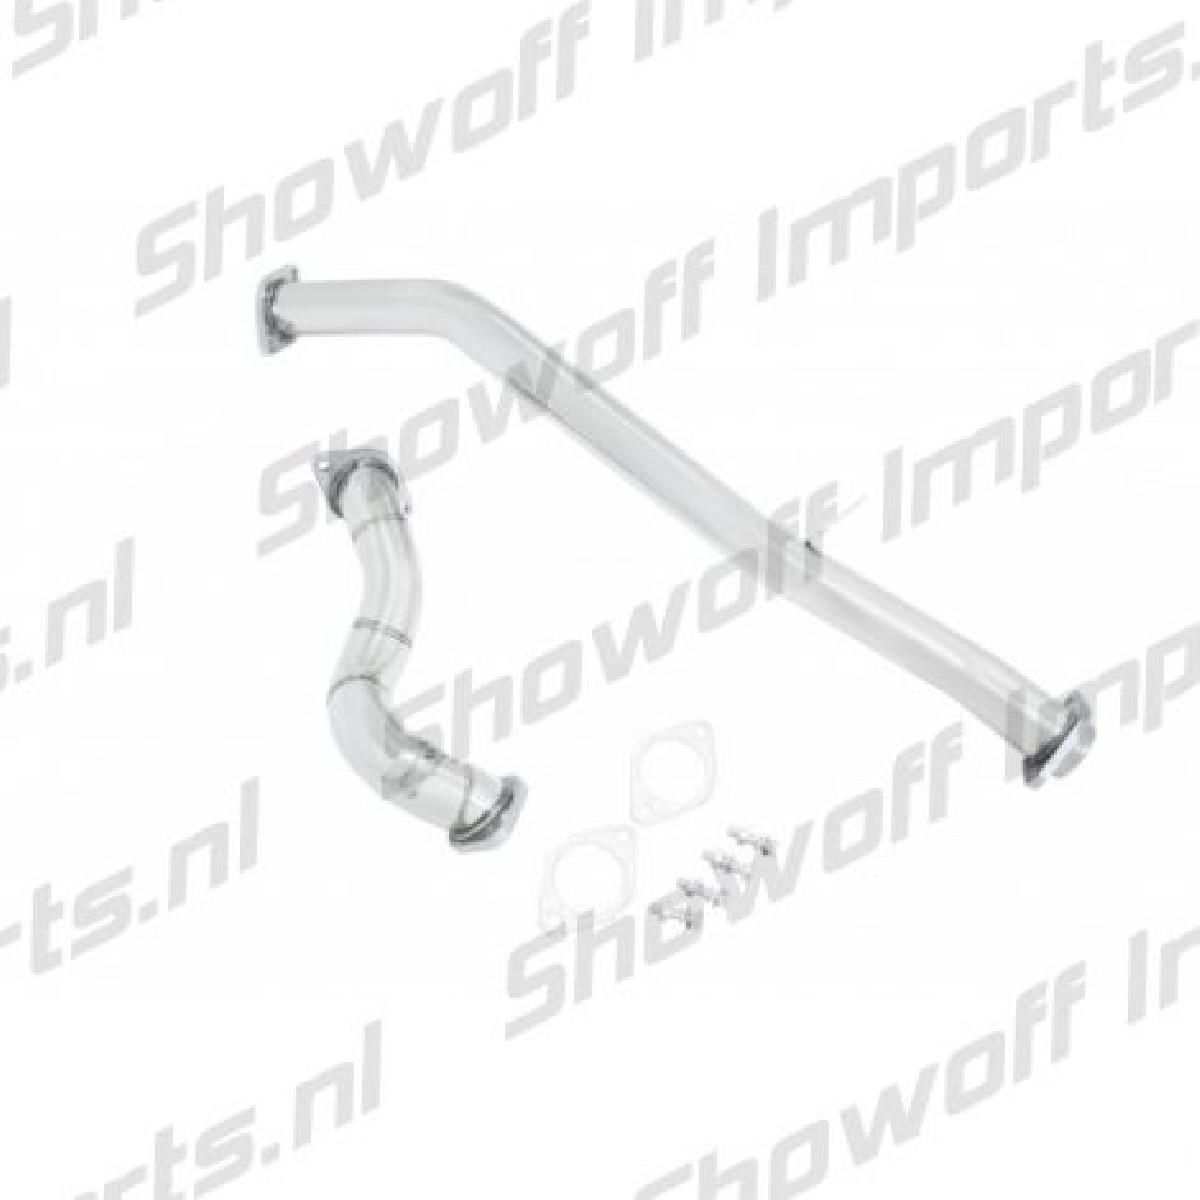 Subaru BRZ Manzo Stainless Downpipe + Uppipe